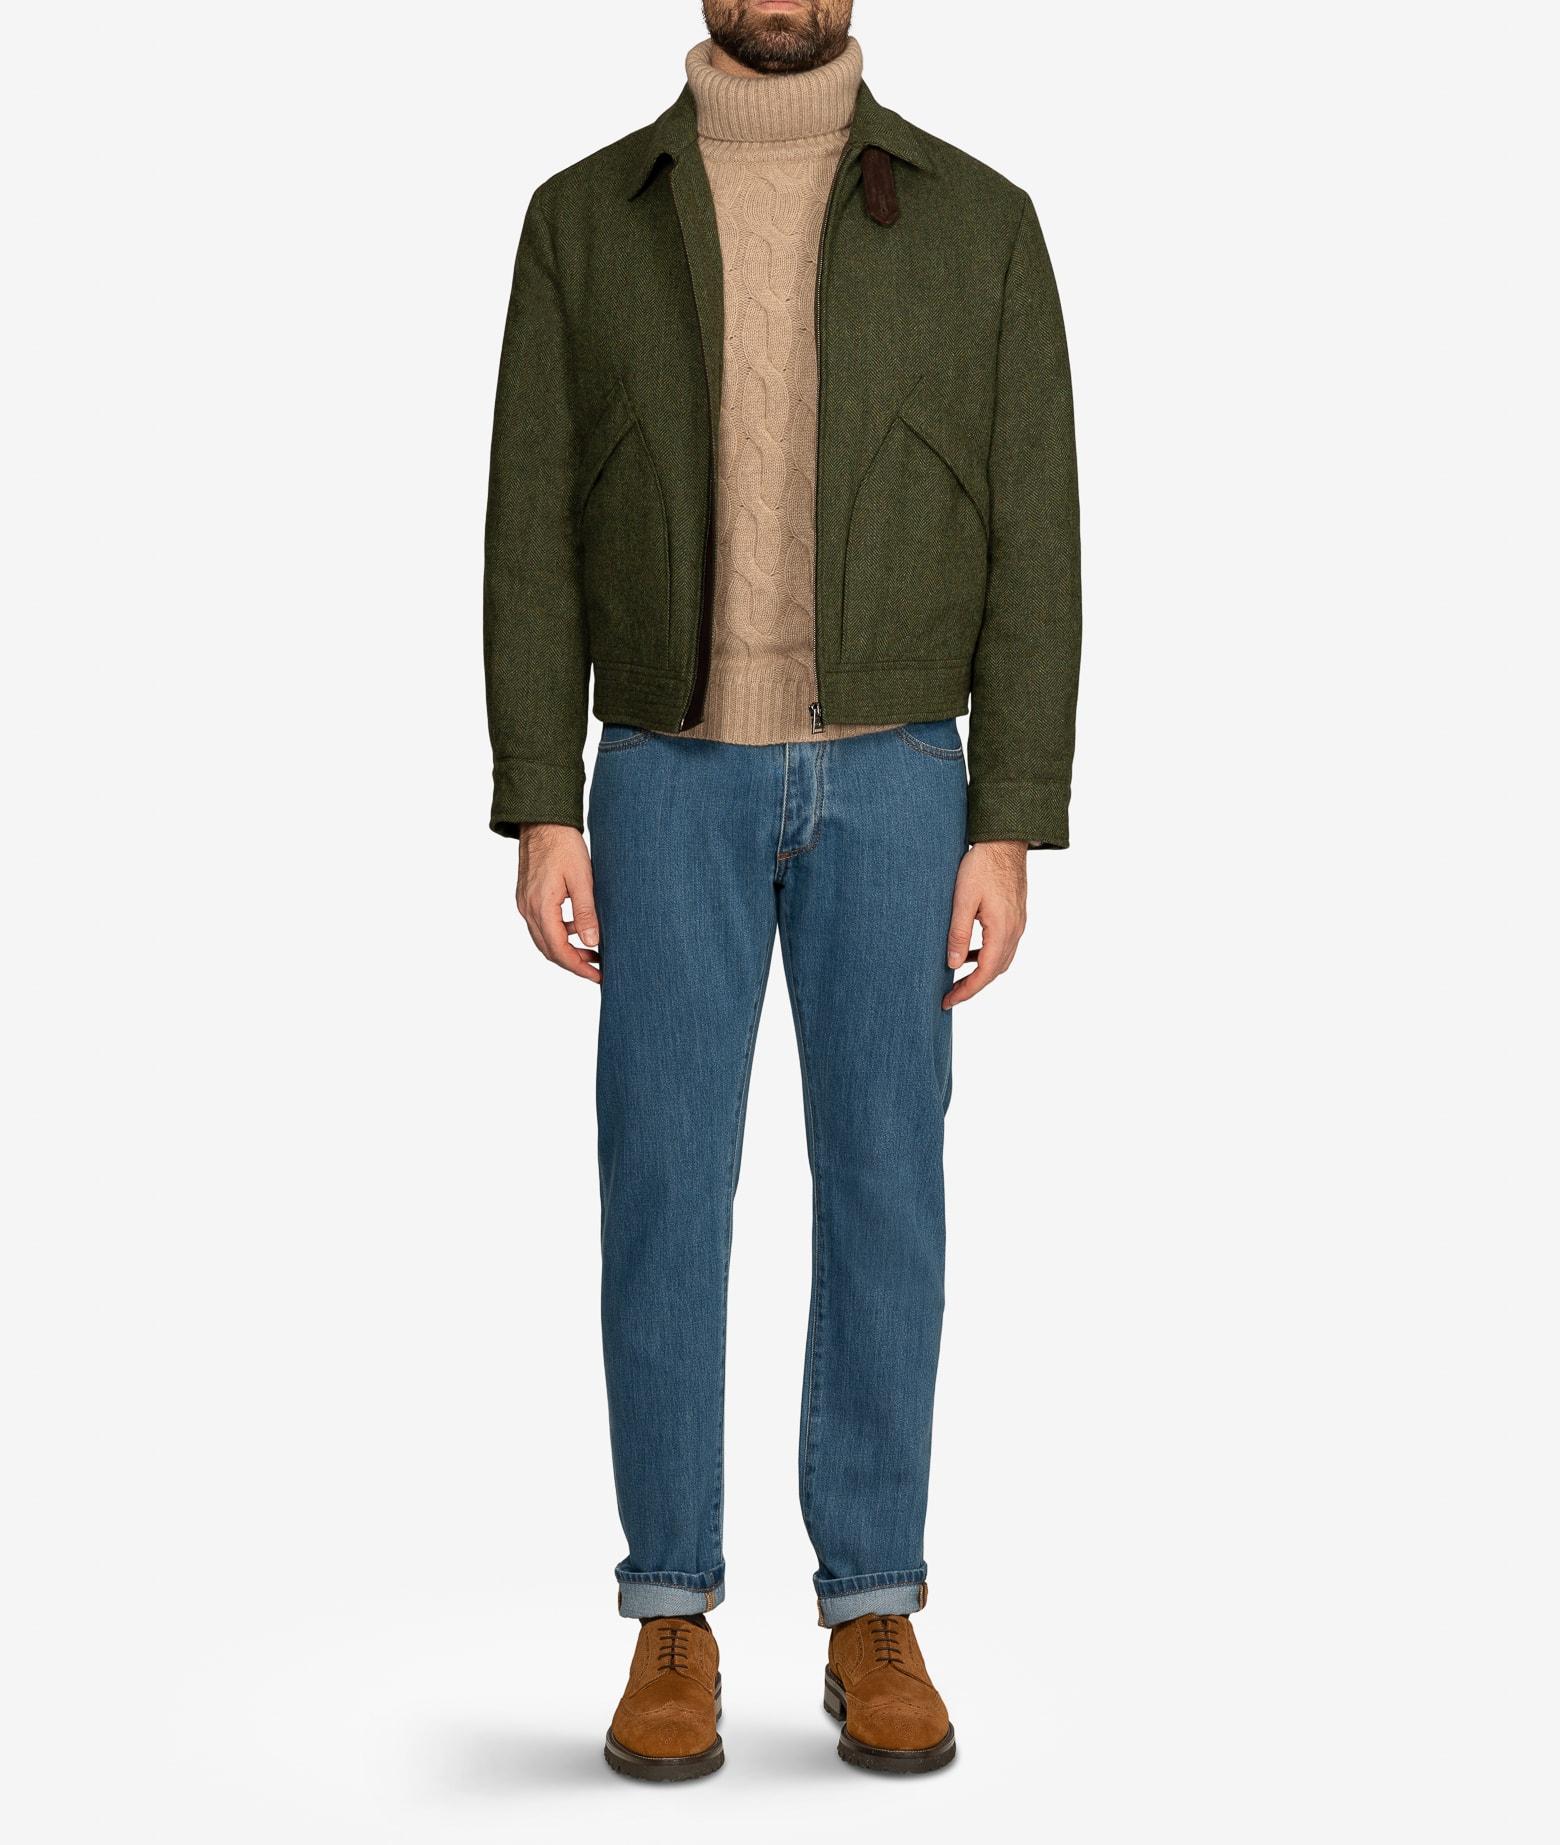 Casual Jacket oblique